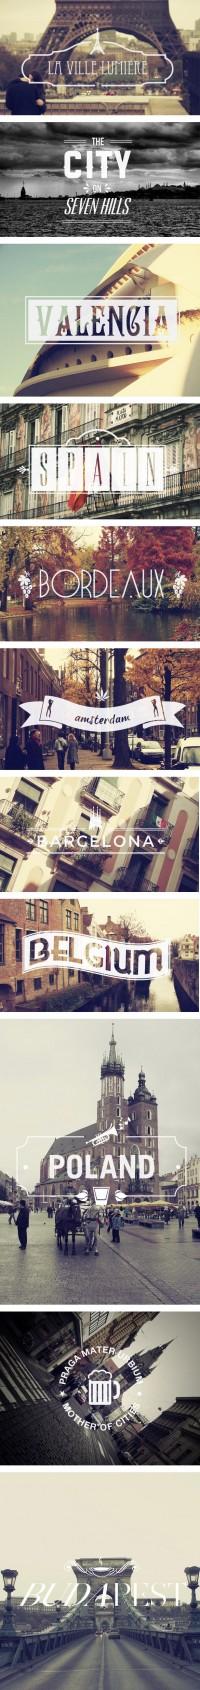 Graphisme & interactivité blog par Geoffrey Dorne » Des villes et des typos !